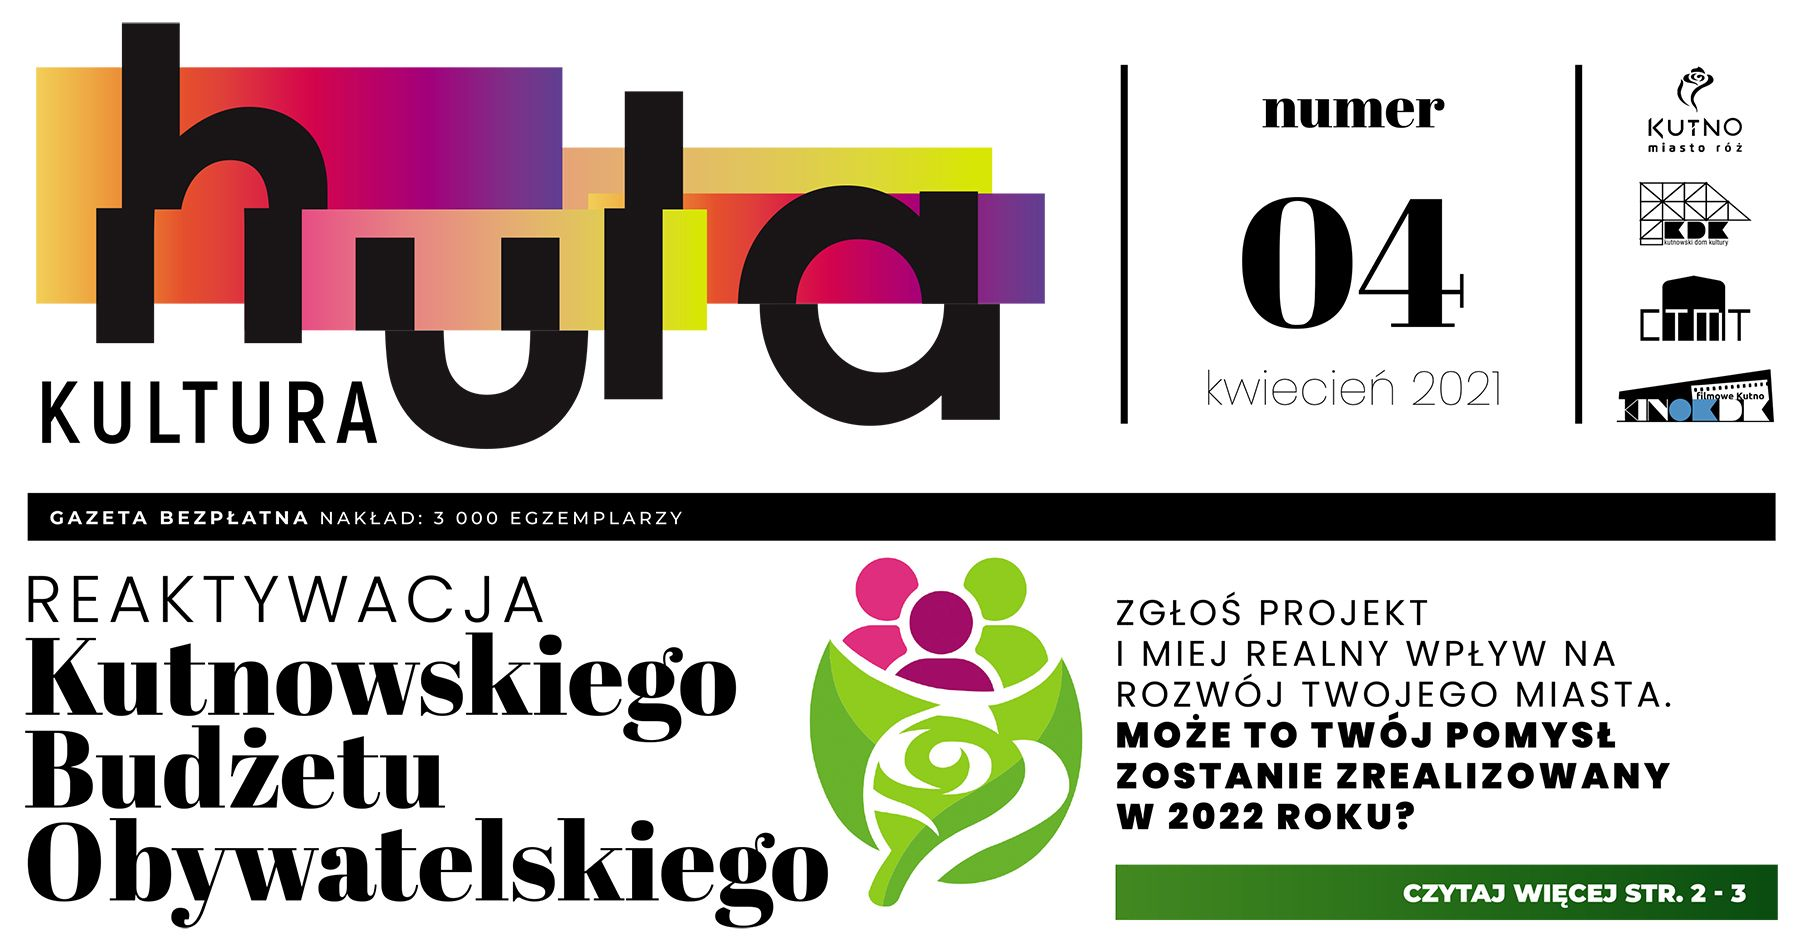 Strona tytułowa gazety Hula Kultura